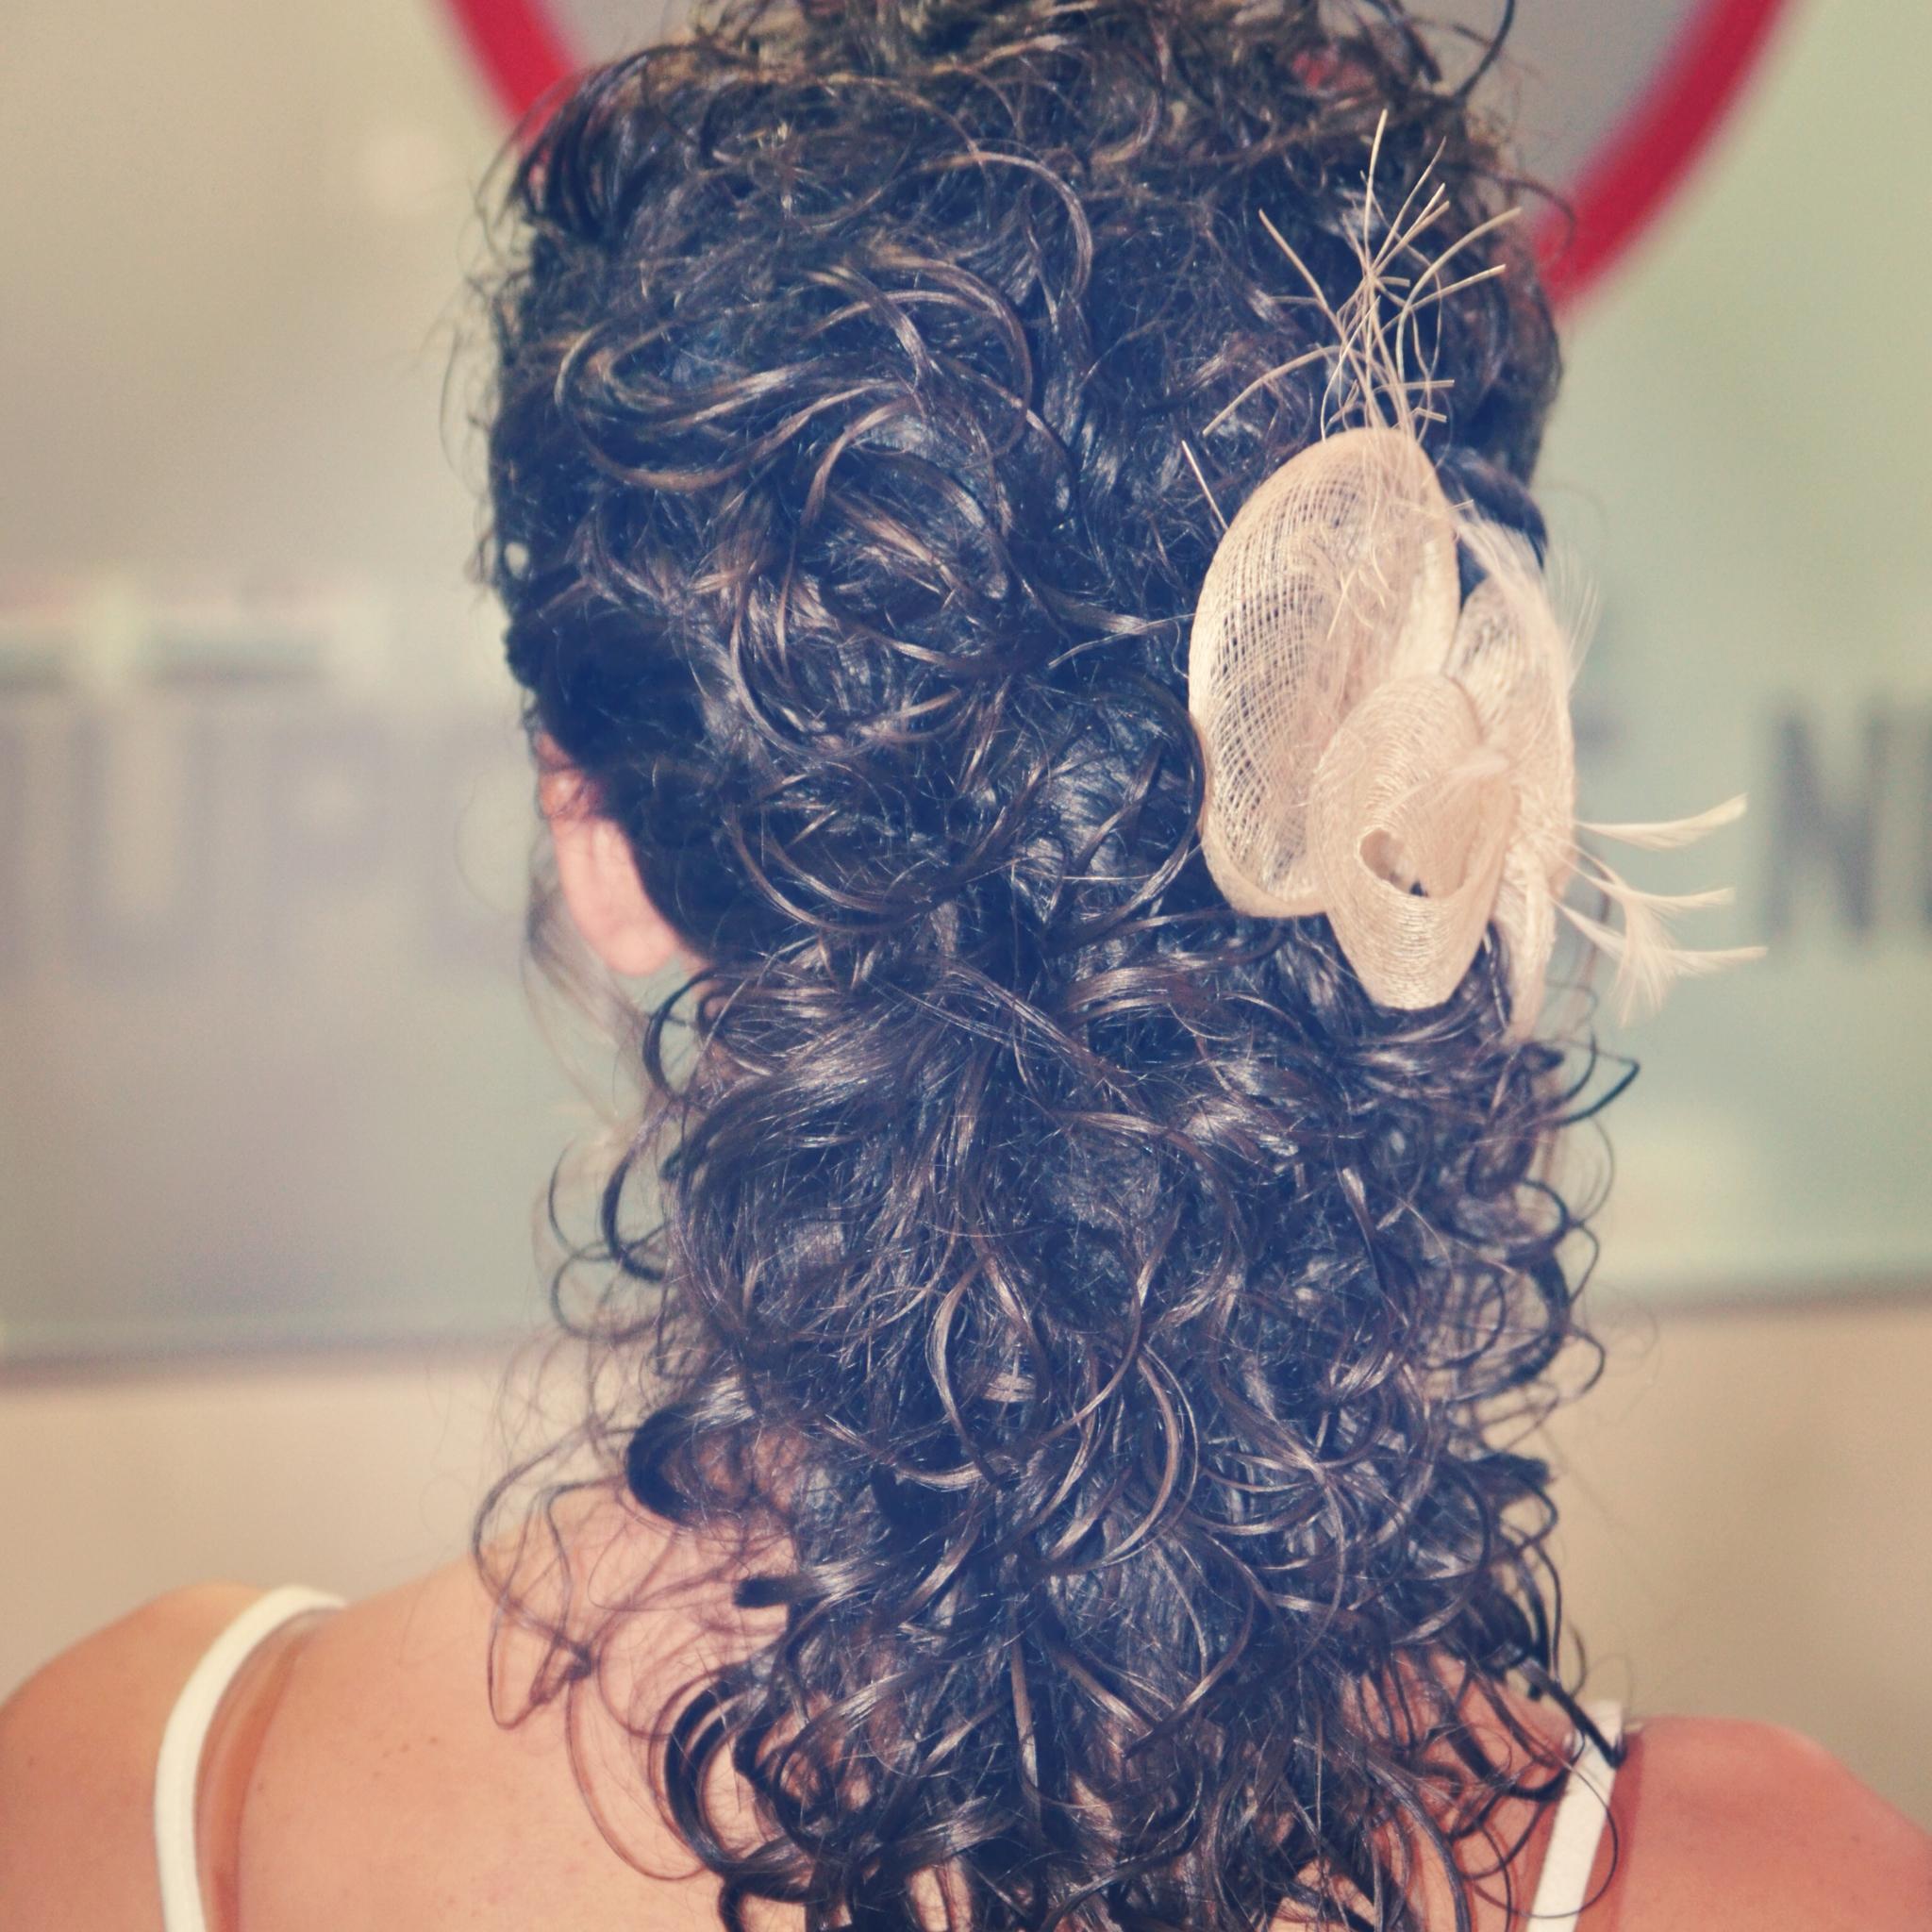 este tipo de peinados yo los denomino recogidos al aire los llamo as porque apenas llevan horquillas es la propia ondulacin la que da la forma y gracia